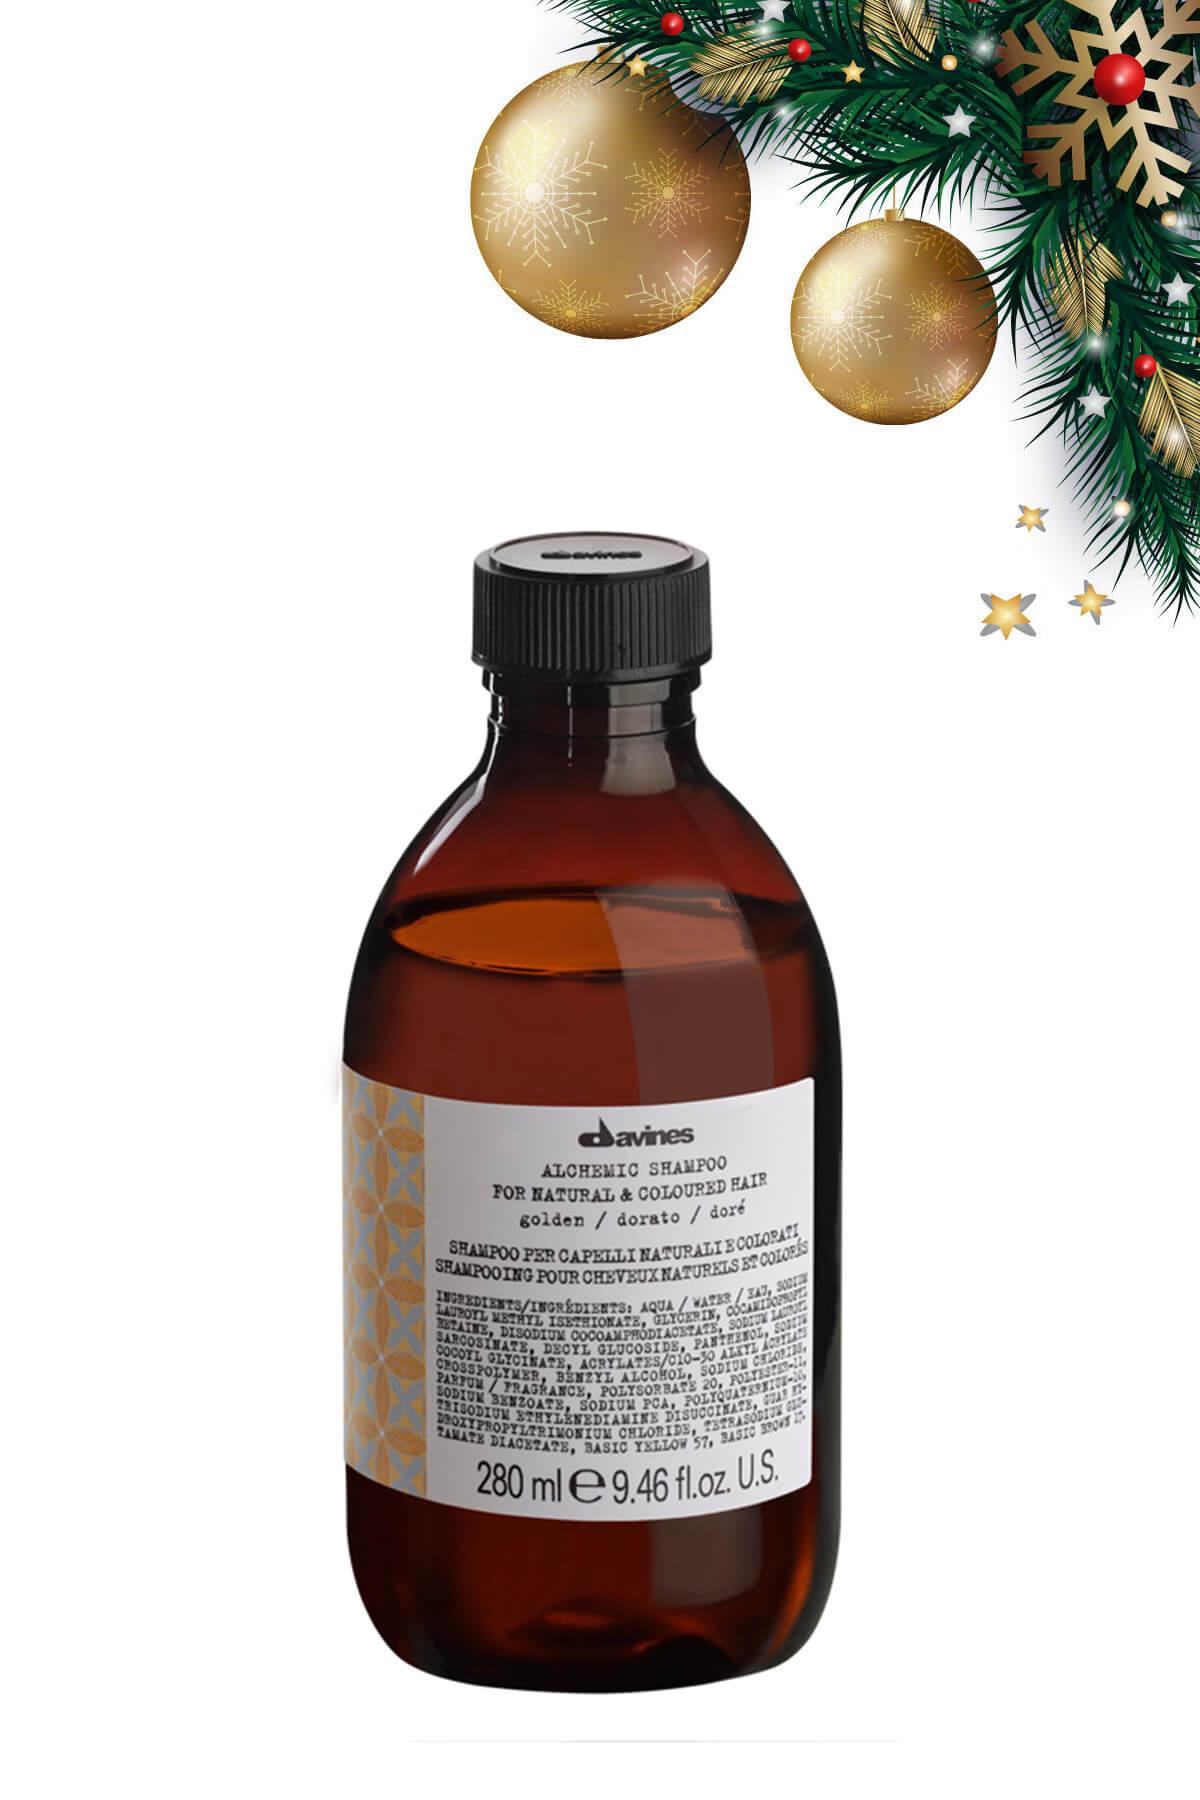 Davinespurifying saç bakımı, purifying saç bakım ürünü, davines saç bakım ürünleri